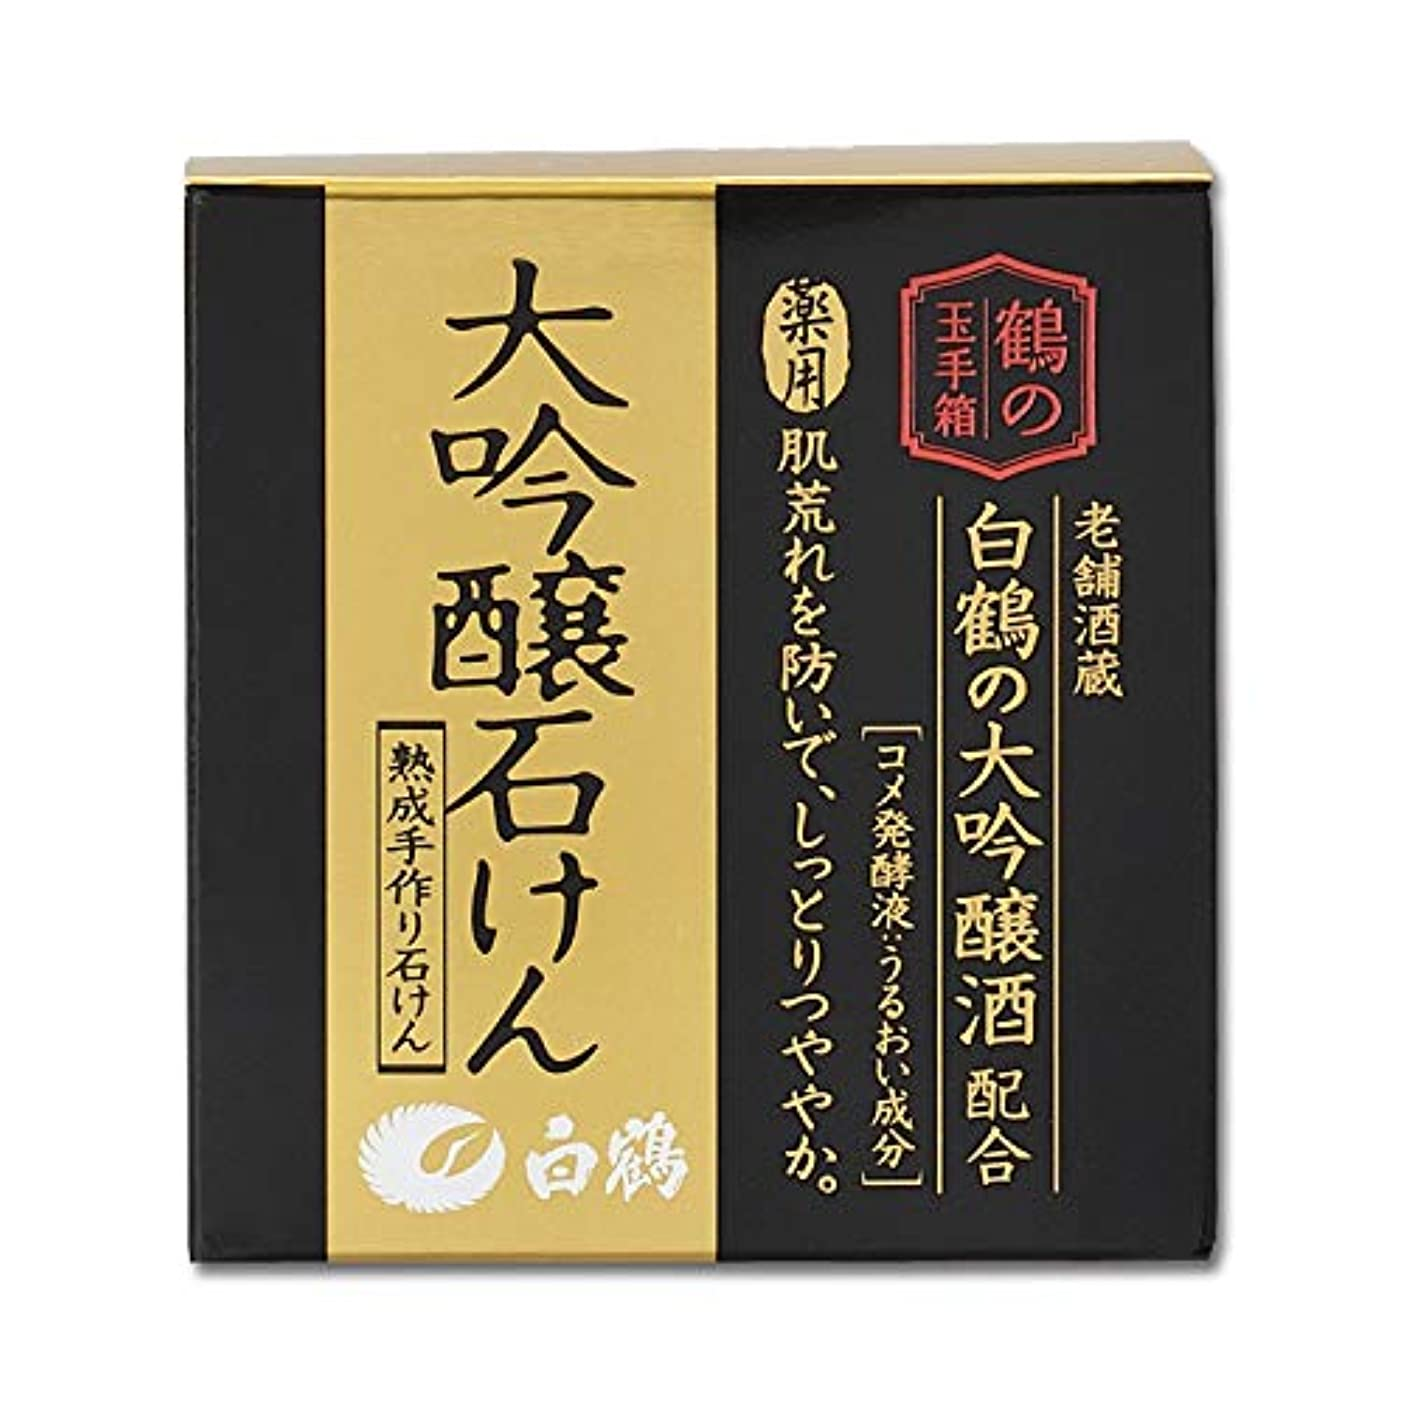 恐怖症バックアップ電池白鶴 鶴の玉手箱 薬用 大吟醸石けん 100g (医薬部外品)